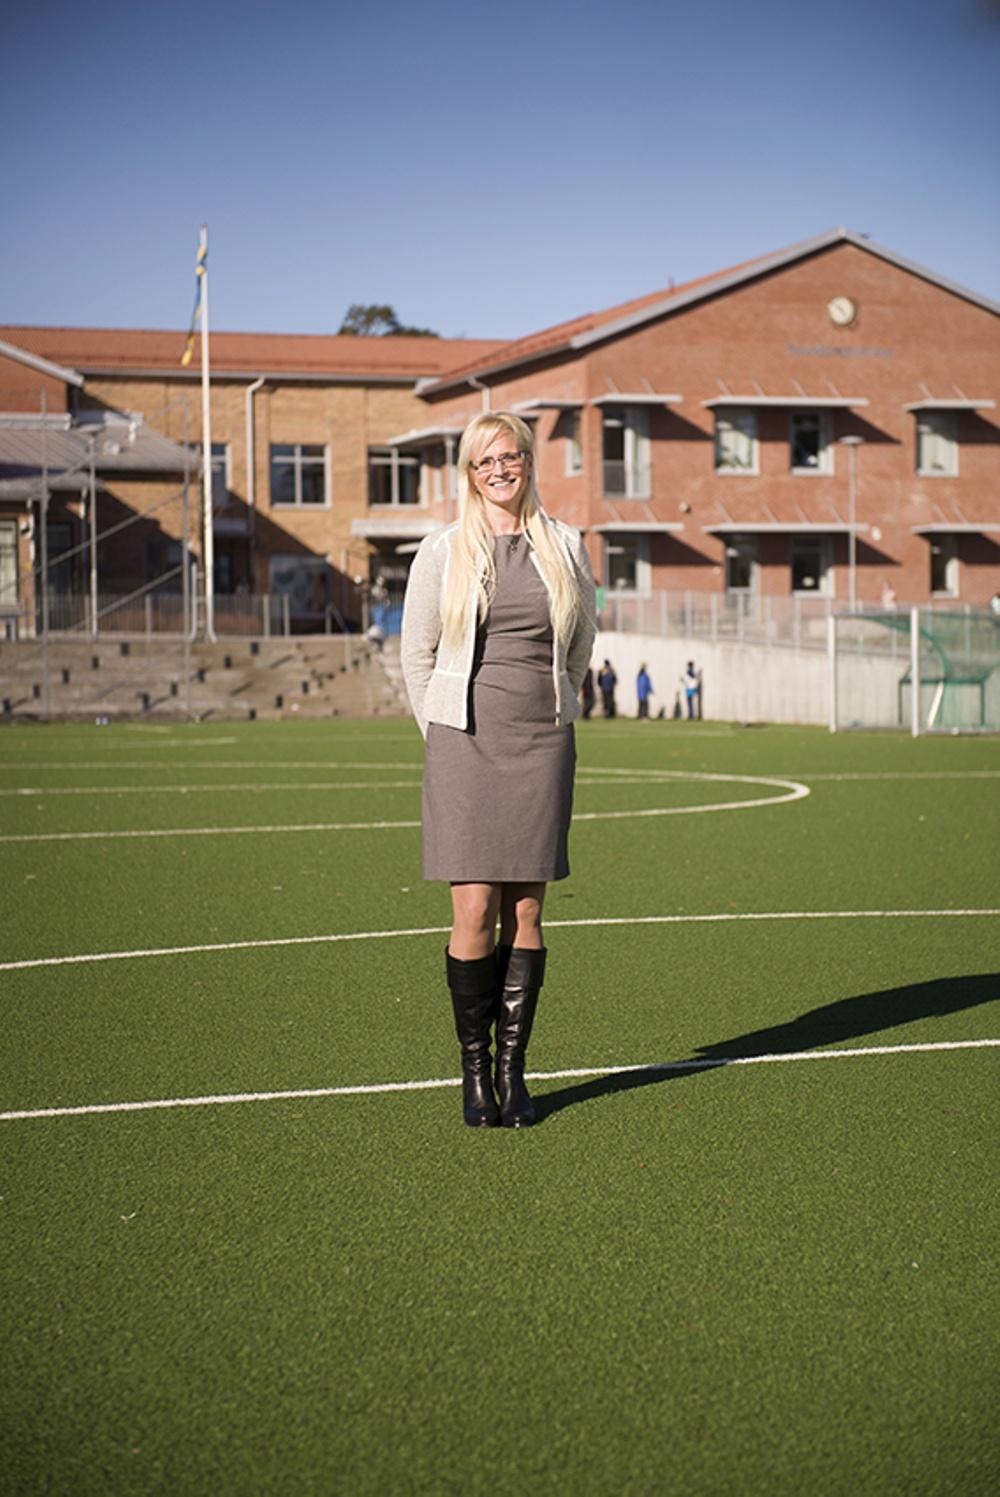 Möt Lolitha Nilsson, rektor på Smedshagsskolan i Hässelby, som berättar om det fantastiska kultursamarbetet med Unga på Operan. Foto: David Magnusson